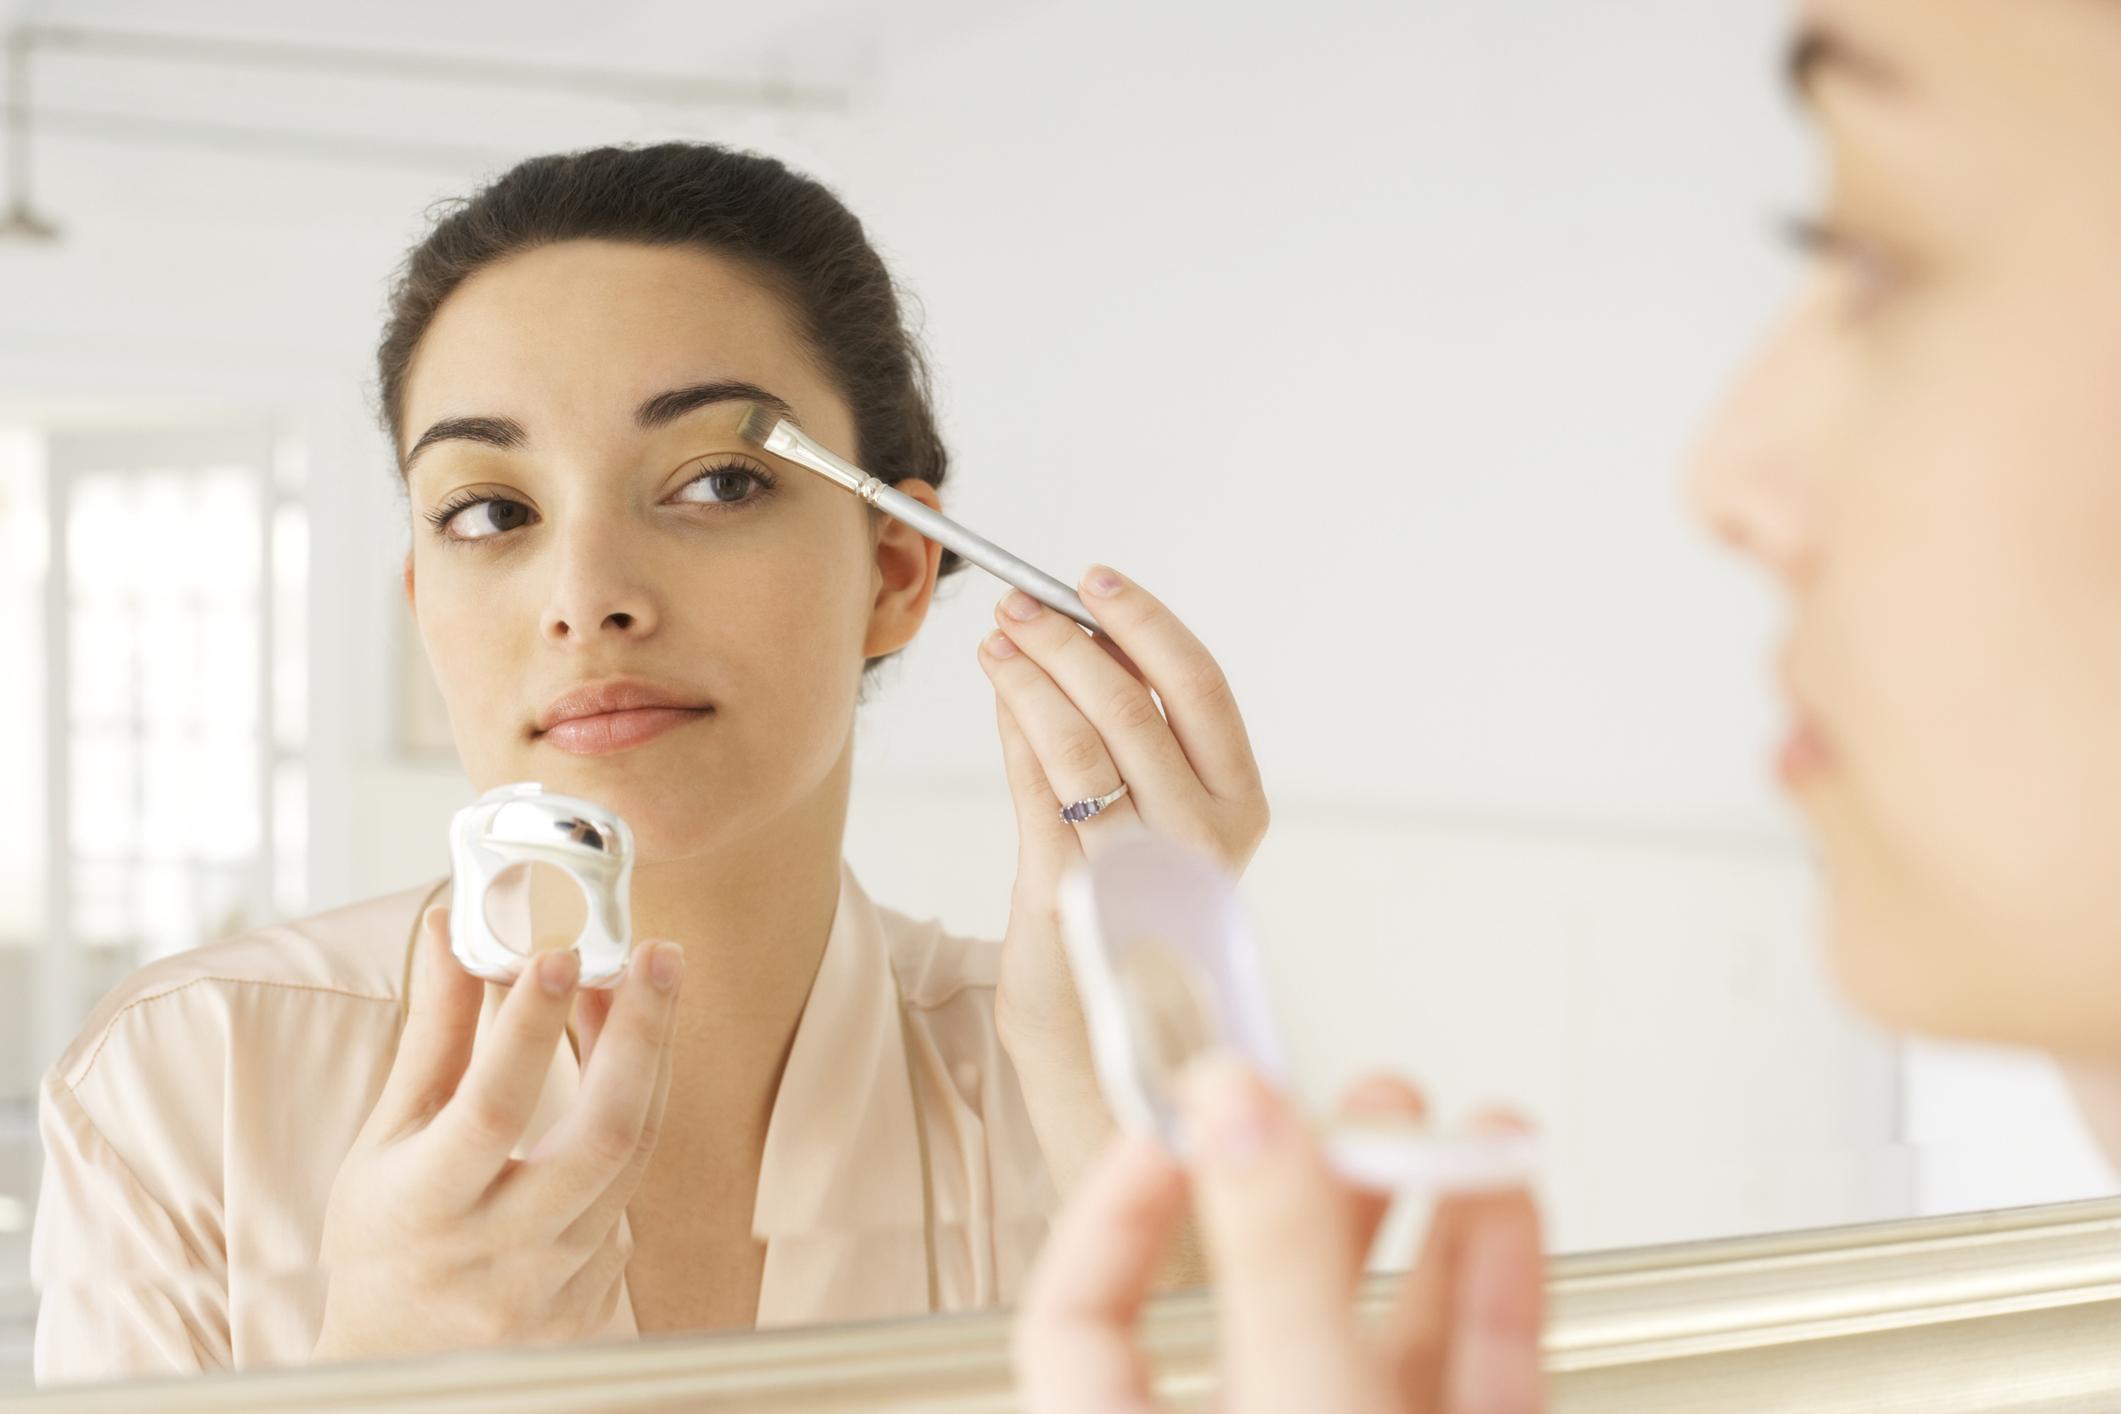 A woman applies makeup.